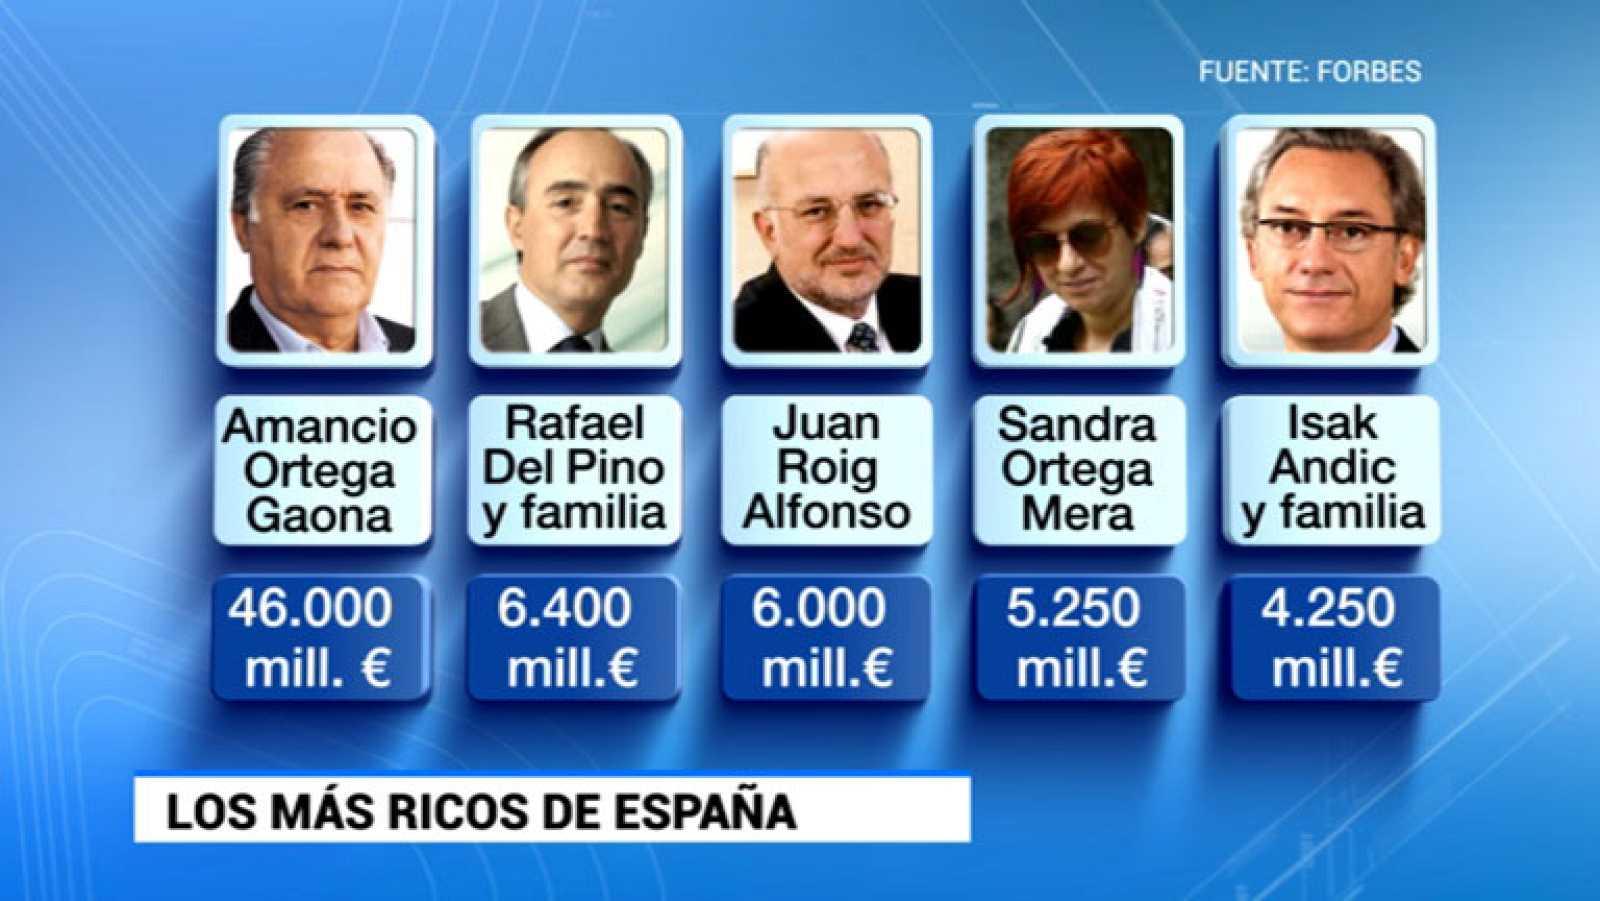 Amancio Ortega sigue encabezando la lista de las grandes fortunas de España, según Forbes